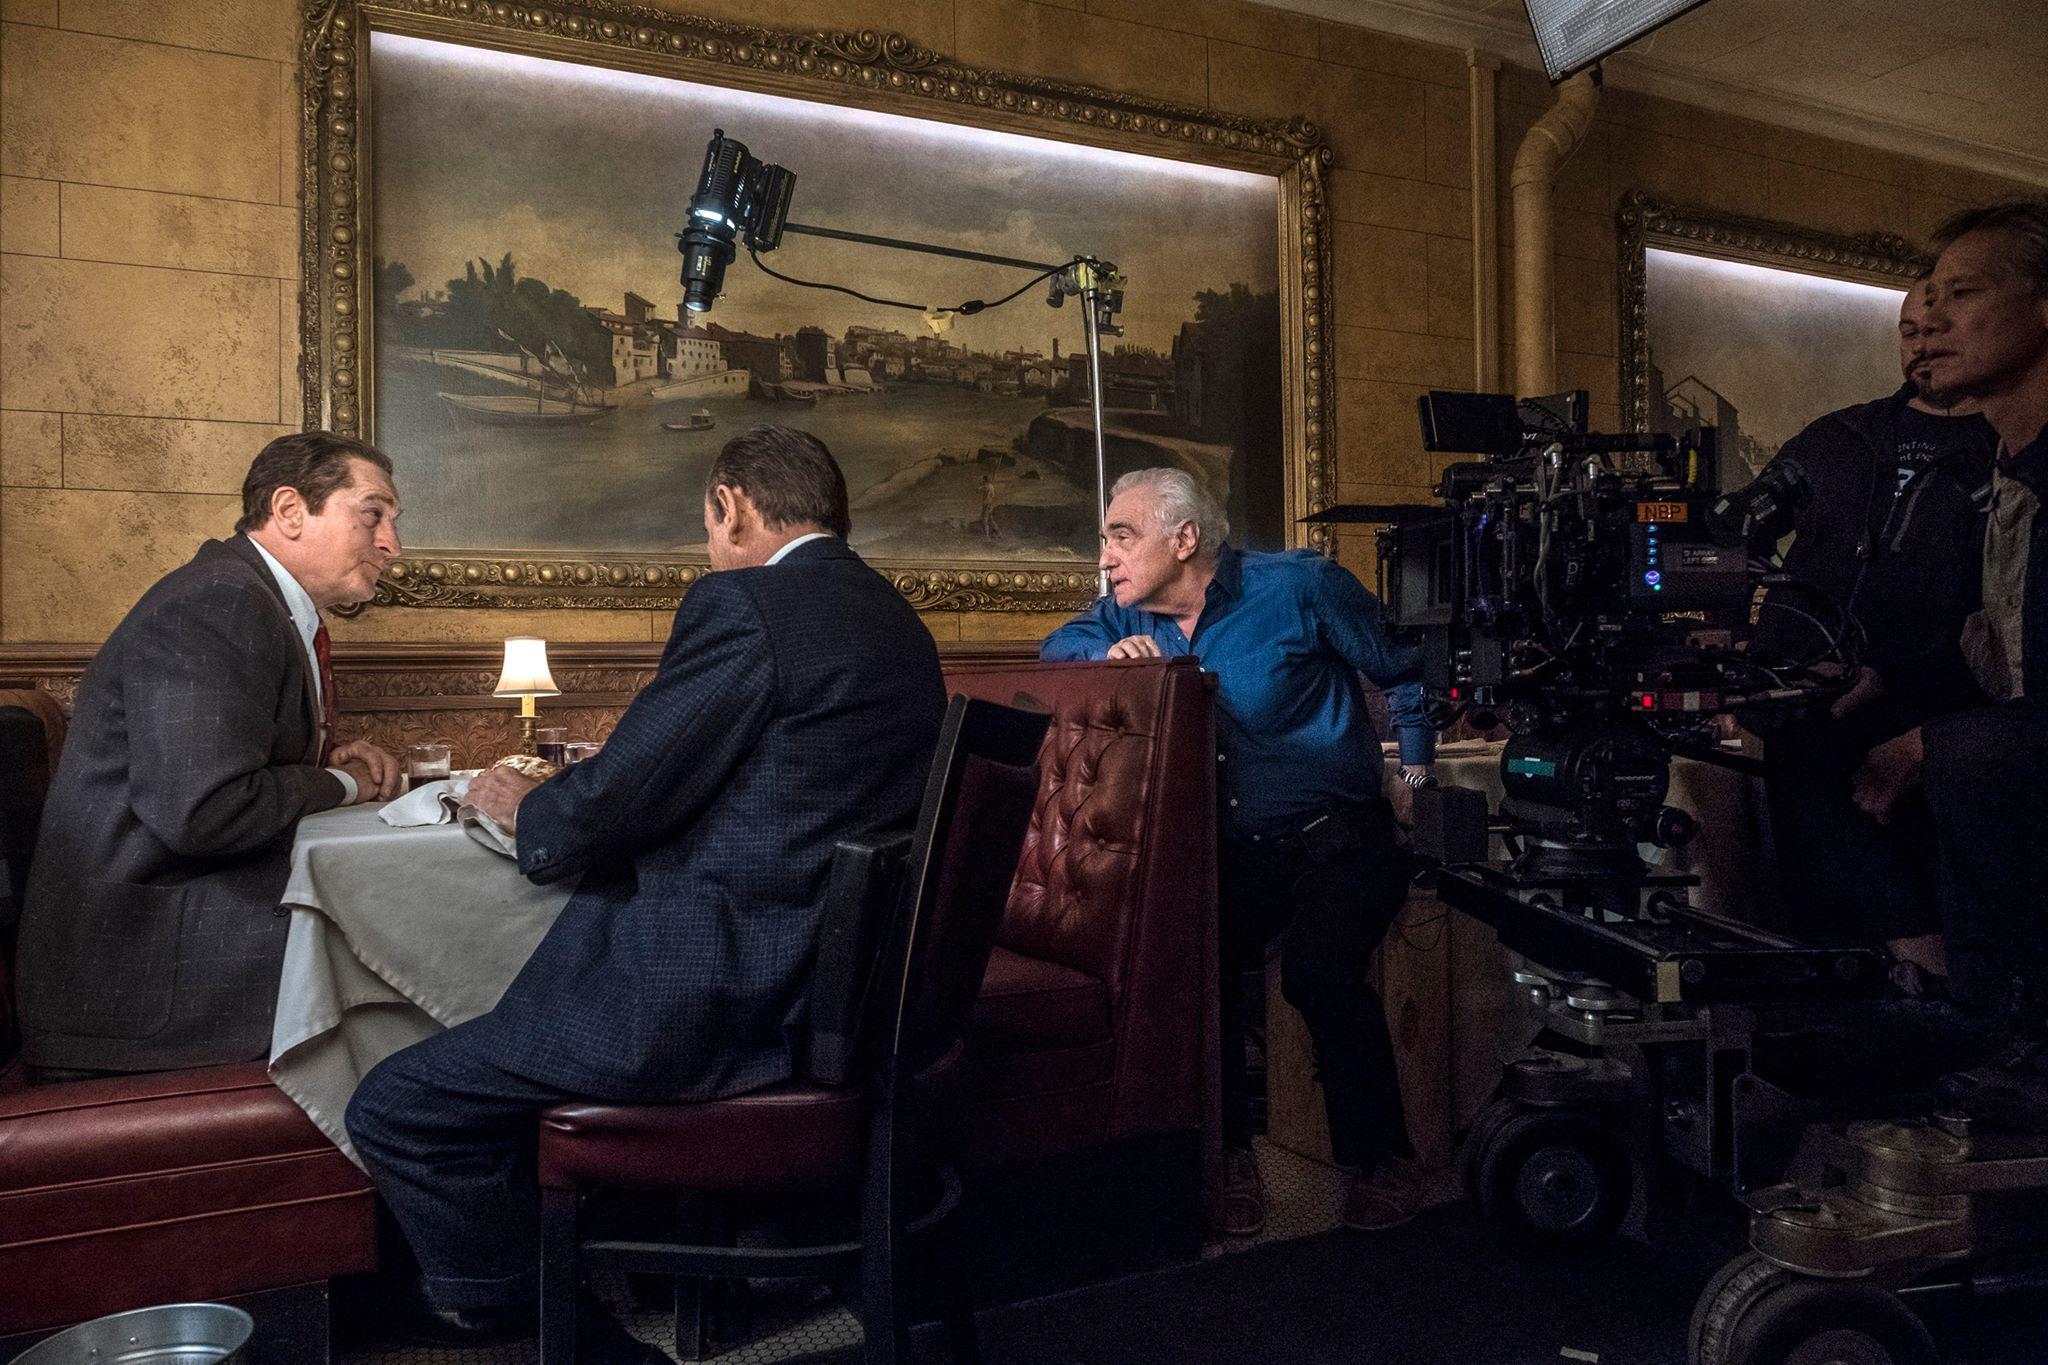 Marin Scorsese instruerer Robert De Niro og Joe Pesci i The Irishman (2019). Scorsese står til venstre for filmkameraet. (Foto: Netflix/Niko Tavernise)